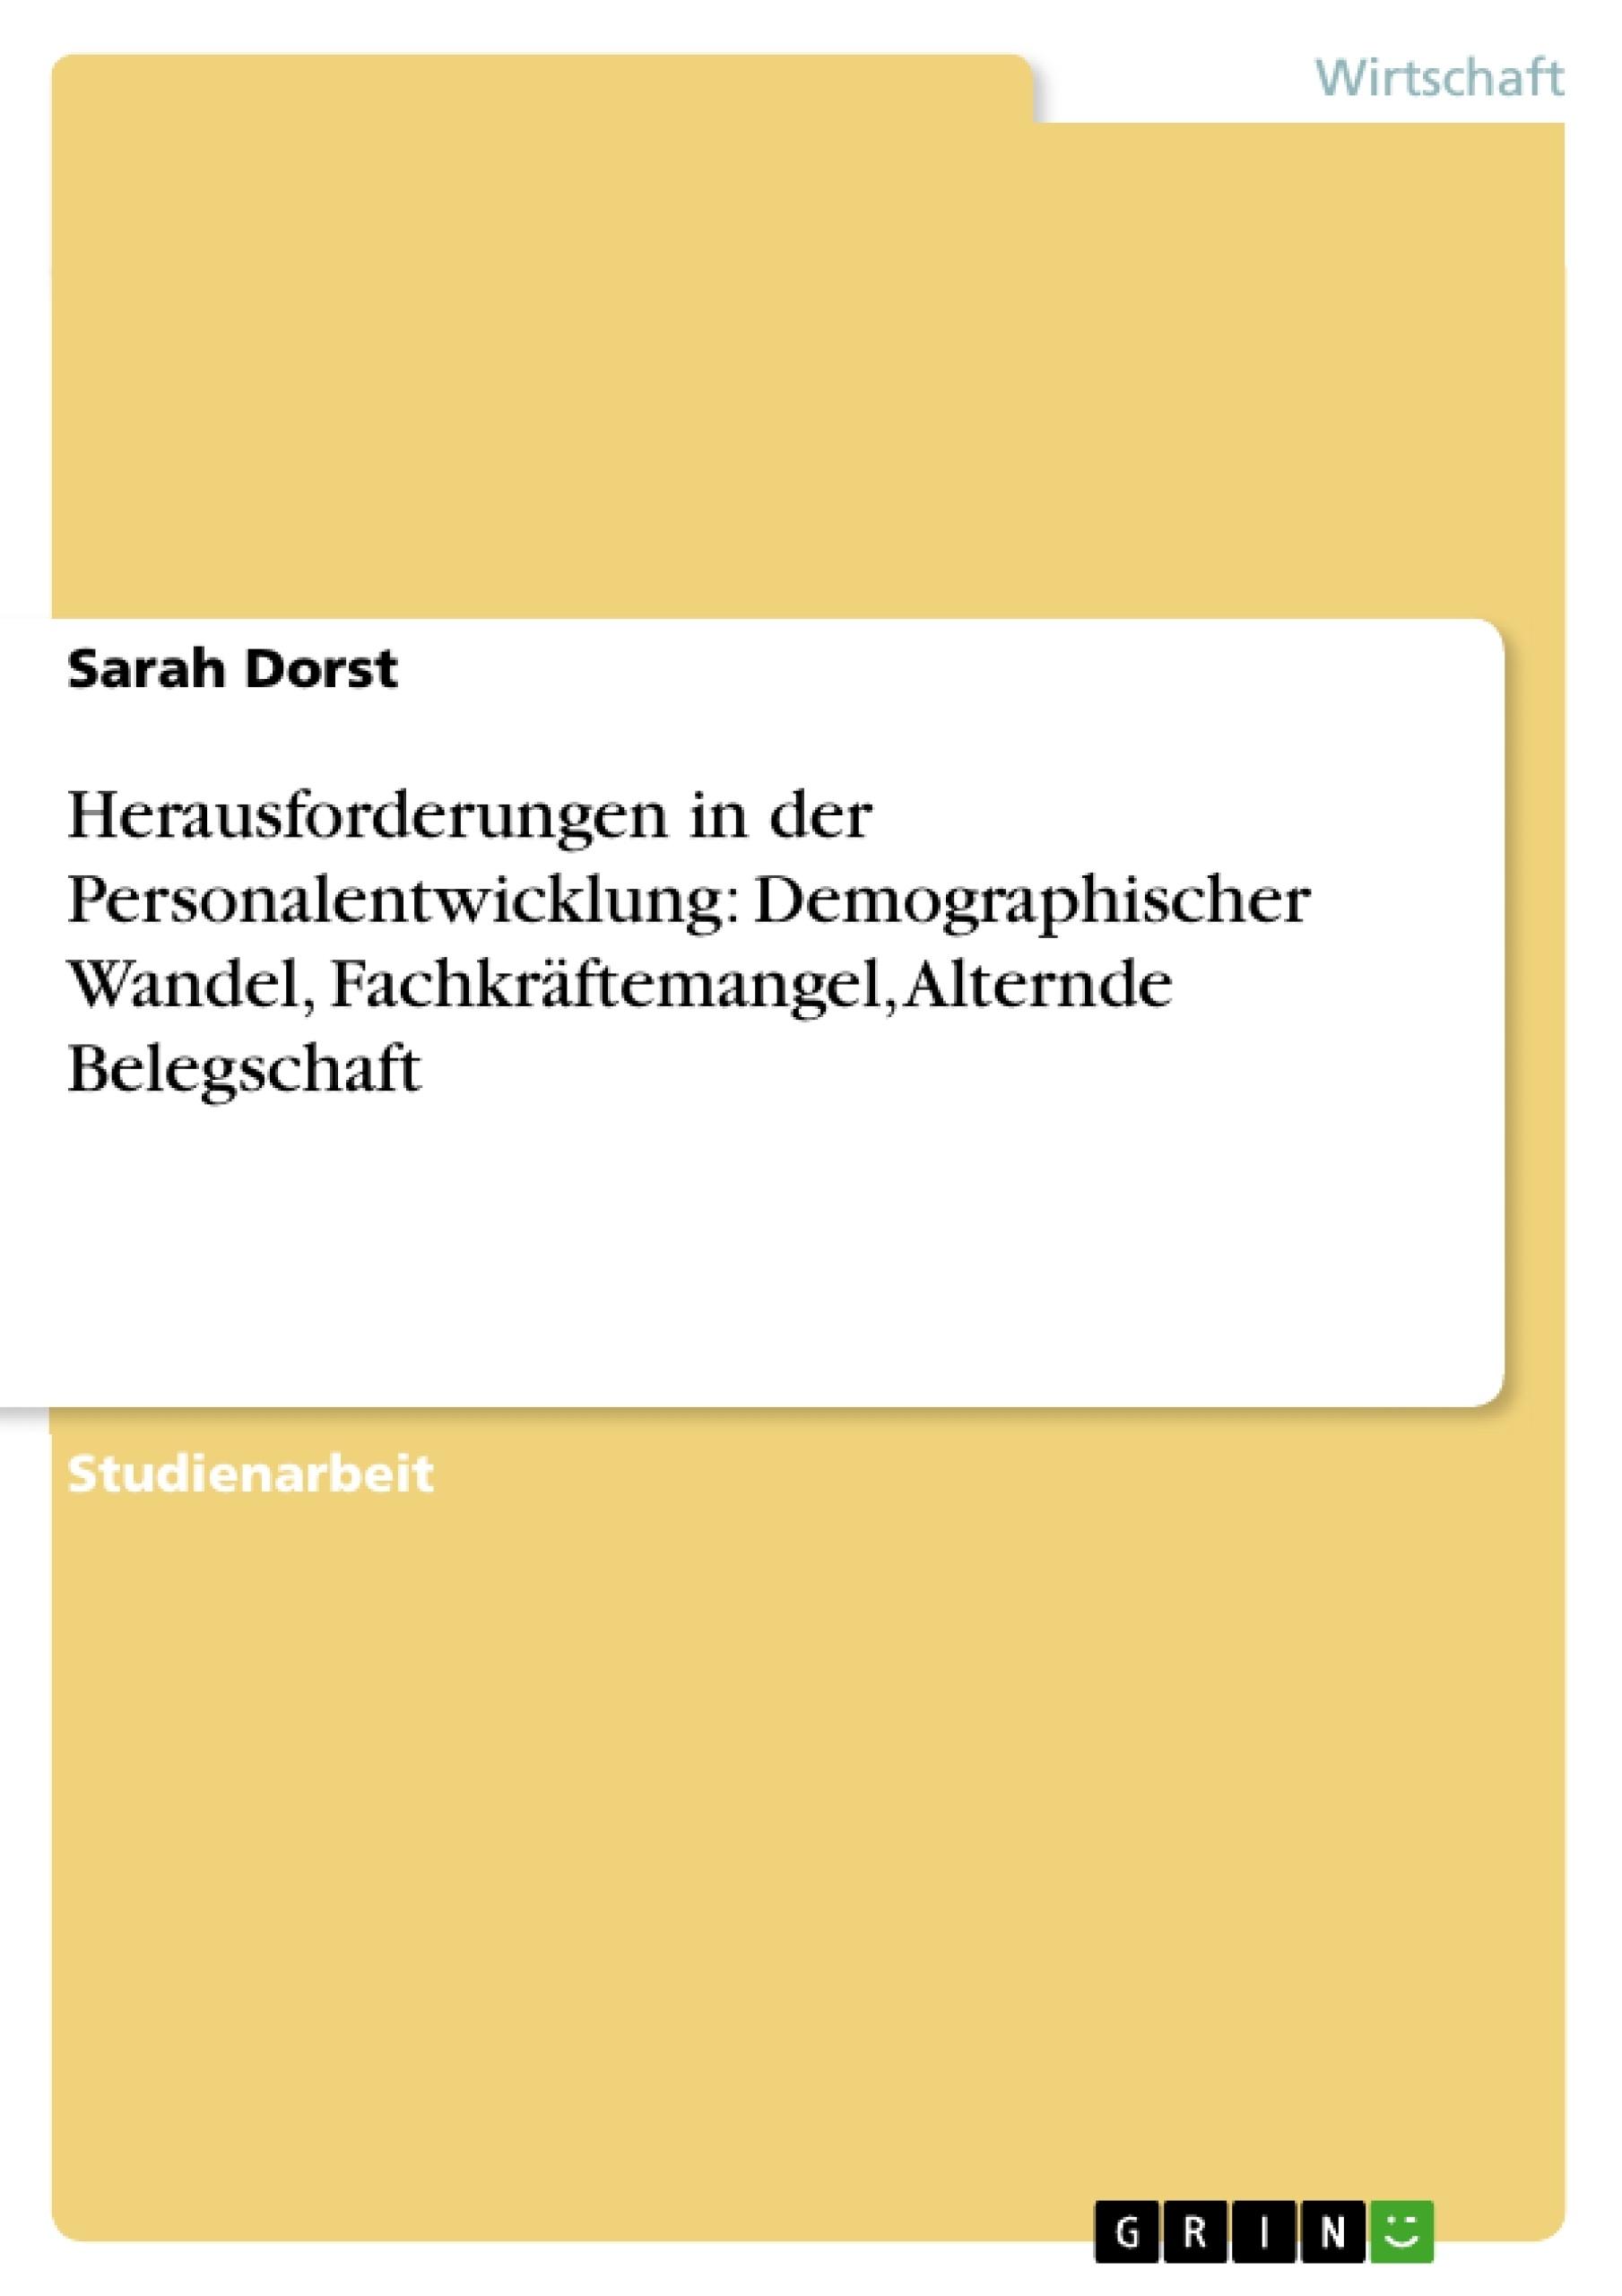 Titel: Herausforderungen in der Personalentwicklung: Demographischer Wandel, Fachkräftemangel, Alternde Belegschaft